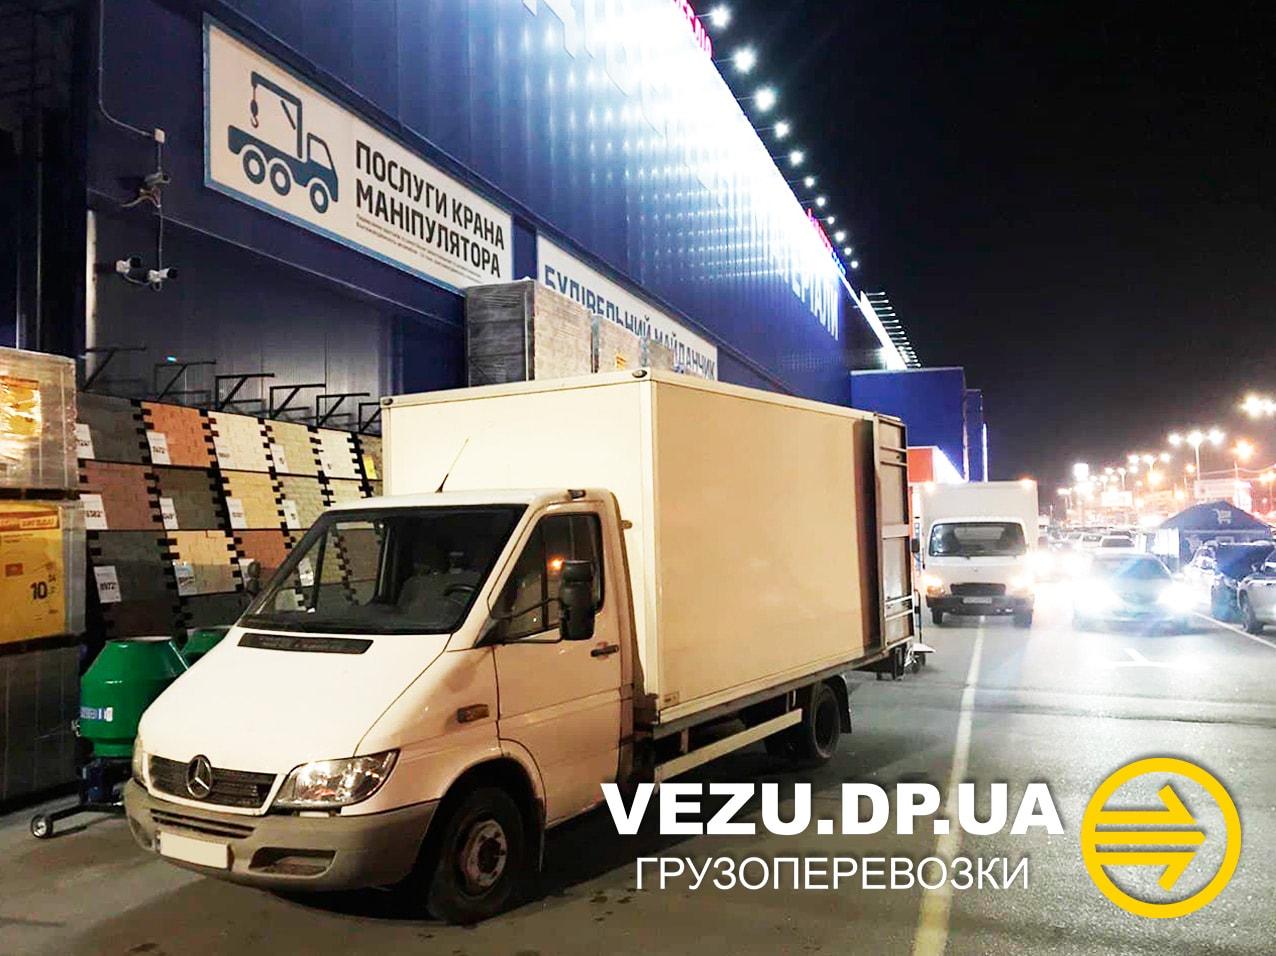 Грузоперевозки в Днепропетровске до 2 тонн